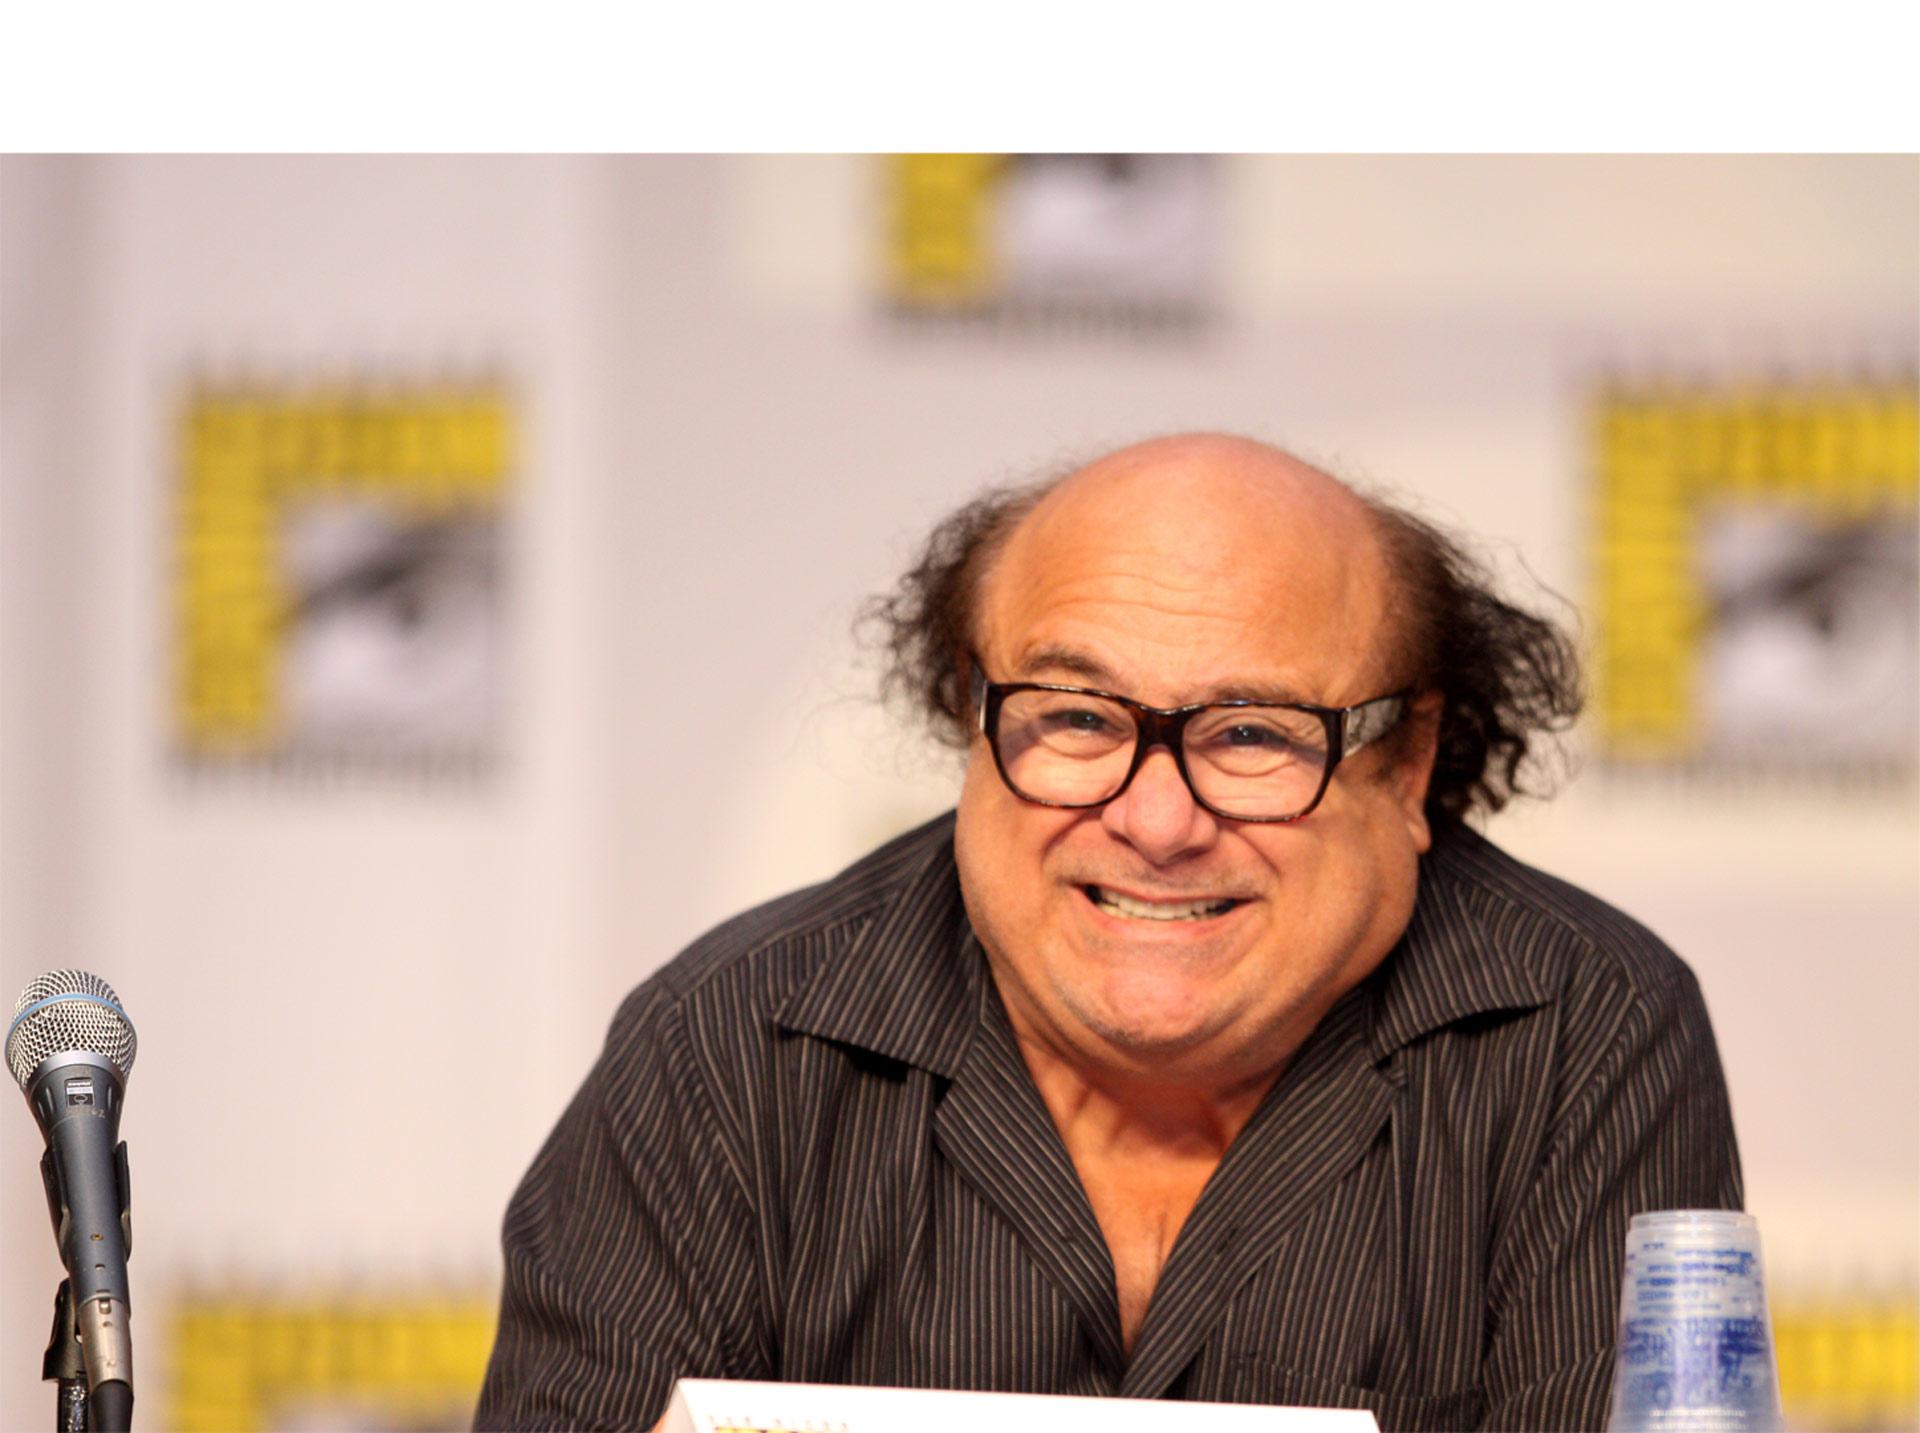 El actor estadounidense cumple hoy 71 años y más de la mitad de su vida la ha puesto al servicio del humor y el arte